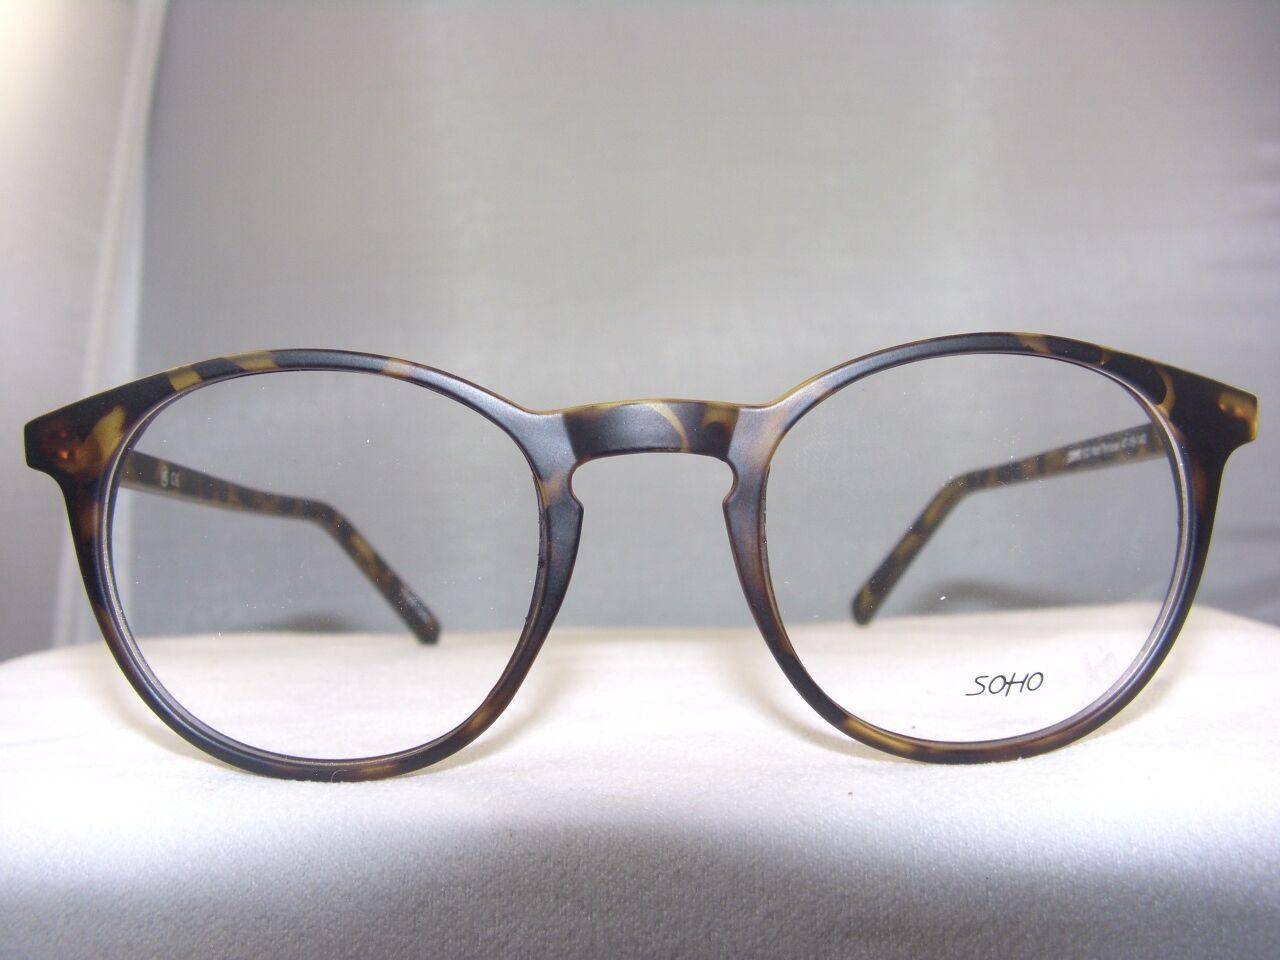 e919fed5113f3 New Soho 123 Matt Tortoise Eyeglass Frame Ebay